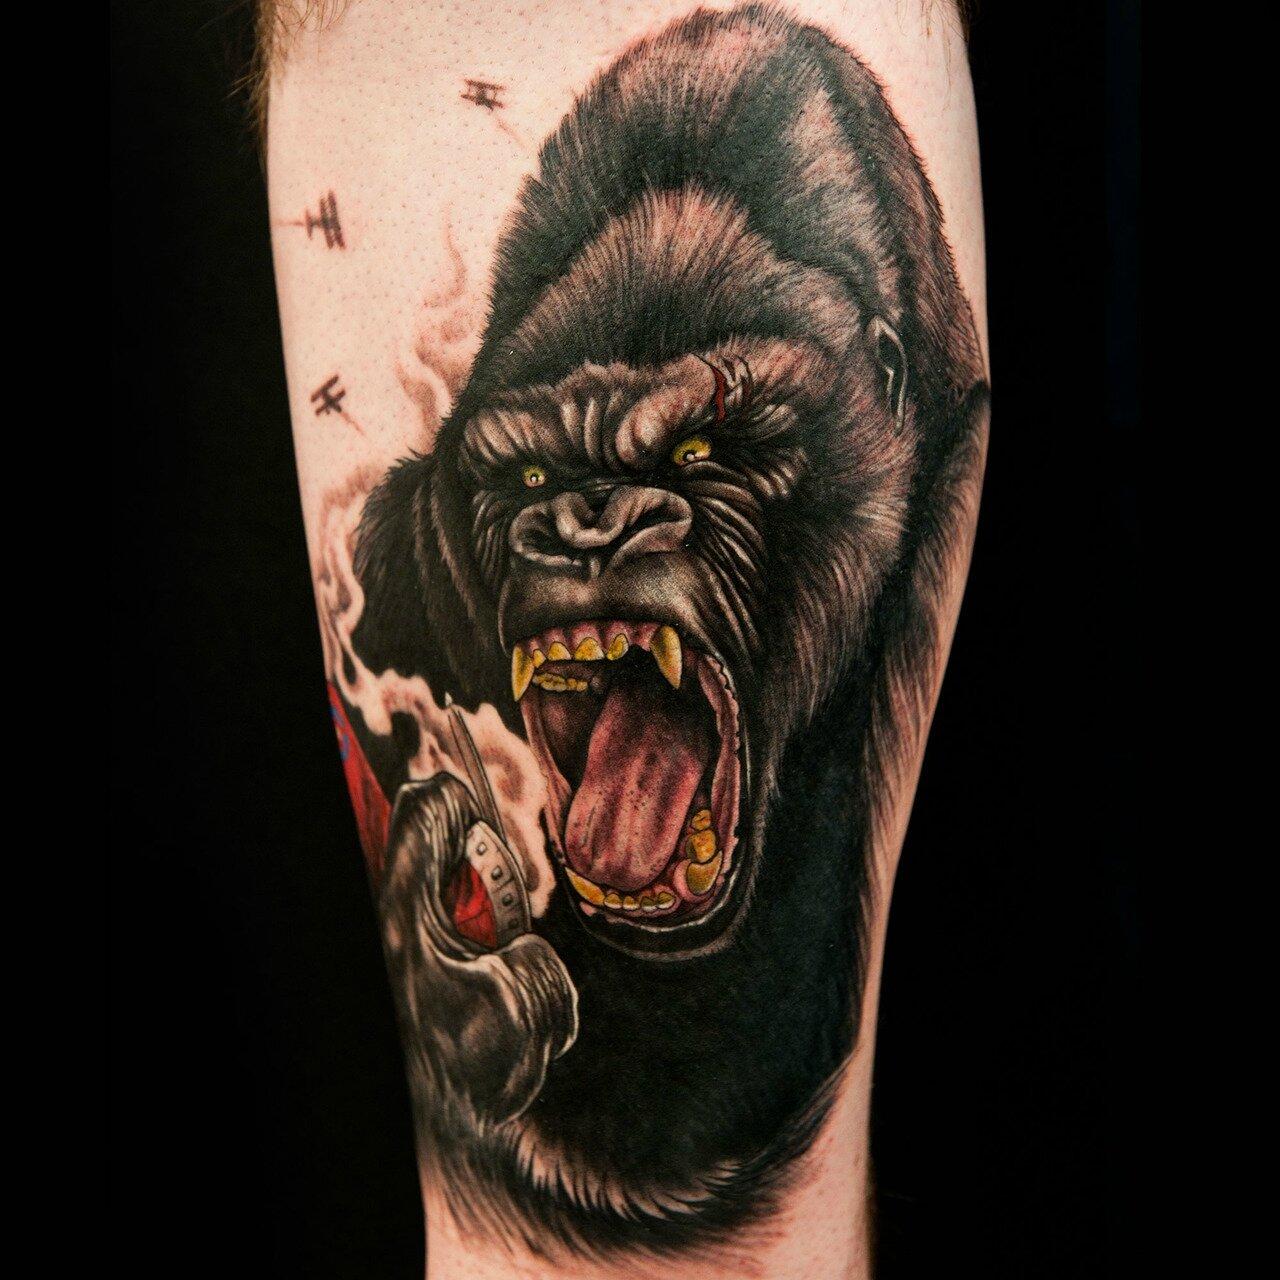 Populaire TV] Ink Master, le meilleur tatoueur sur numéro 23 - Celle qui  AU59